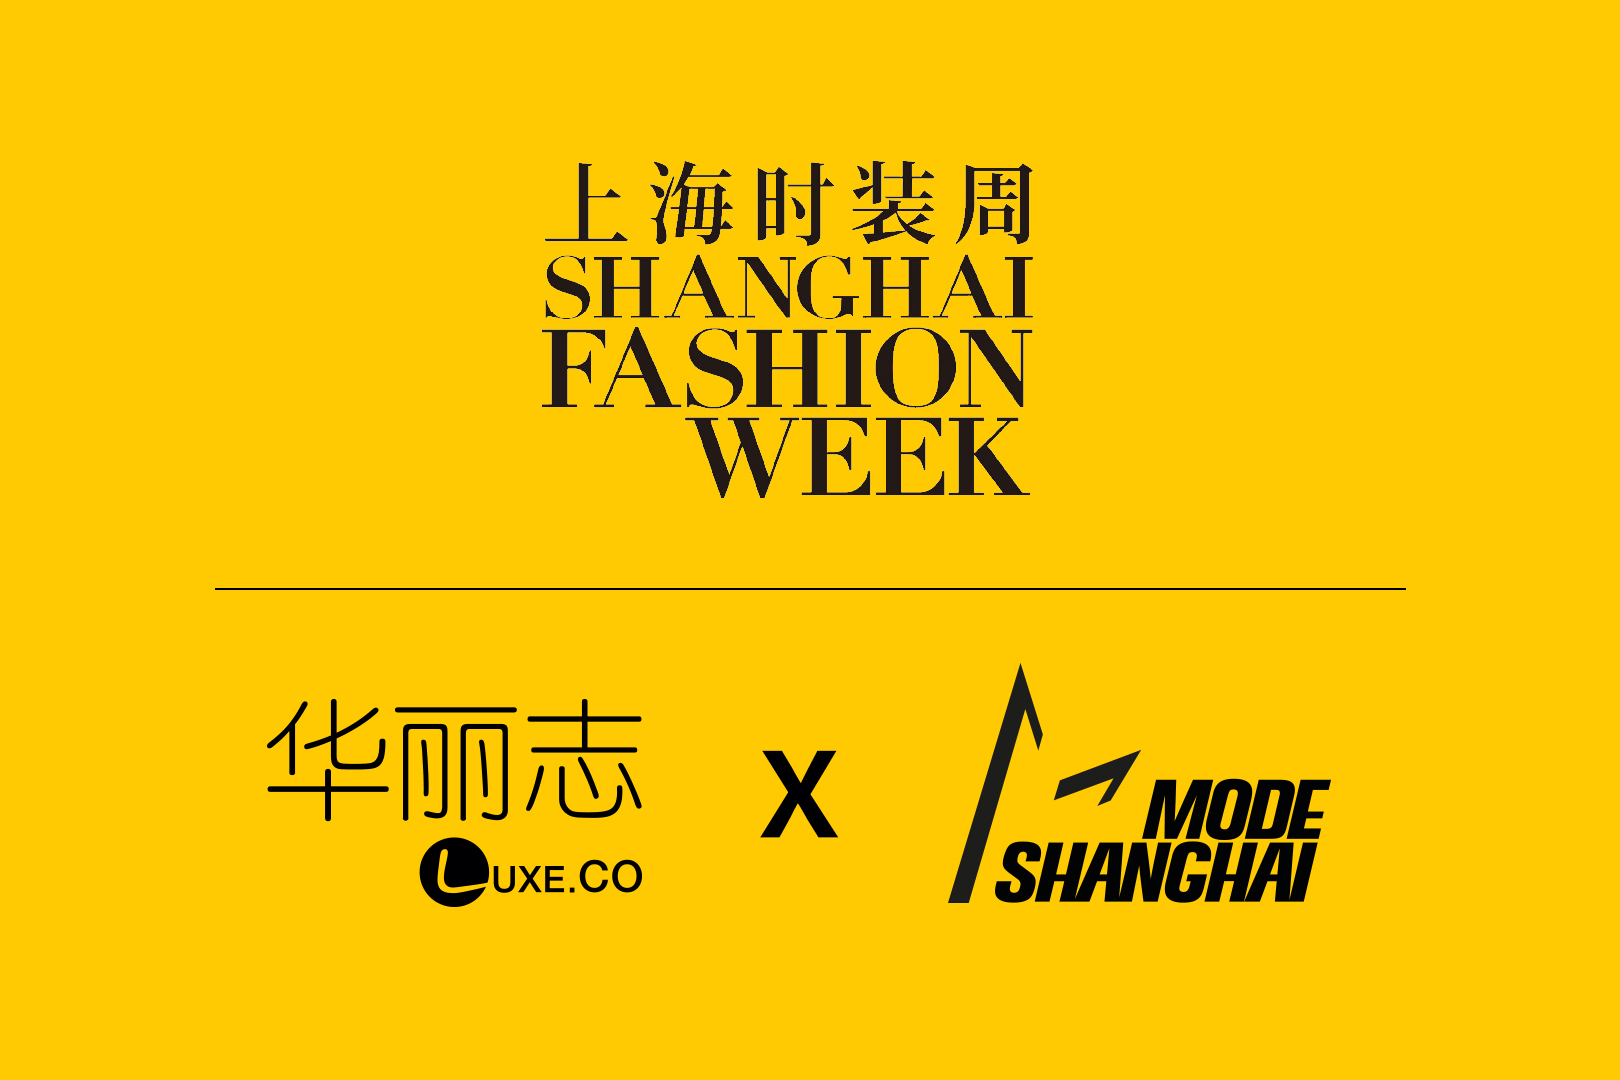 上海时装周聆听干货,快快预约MODE TALKS行业聚谈!《华丽志》将举办三场精彩讲座